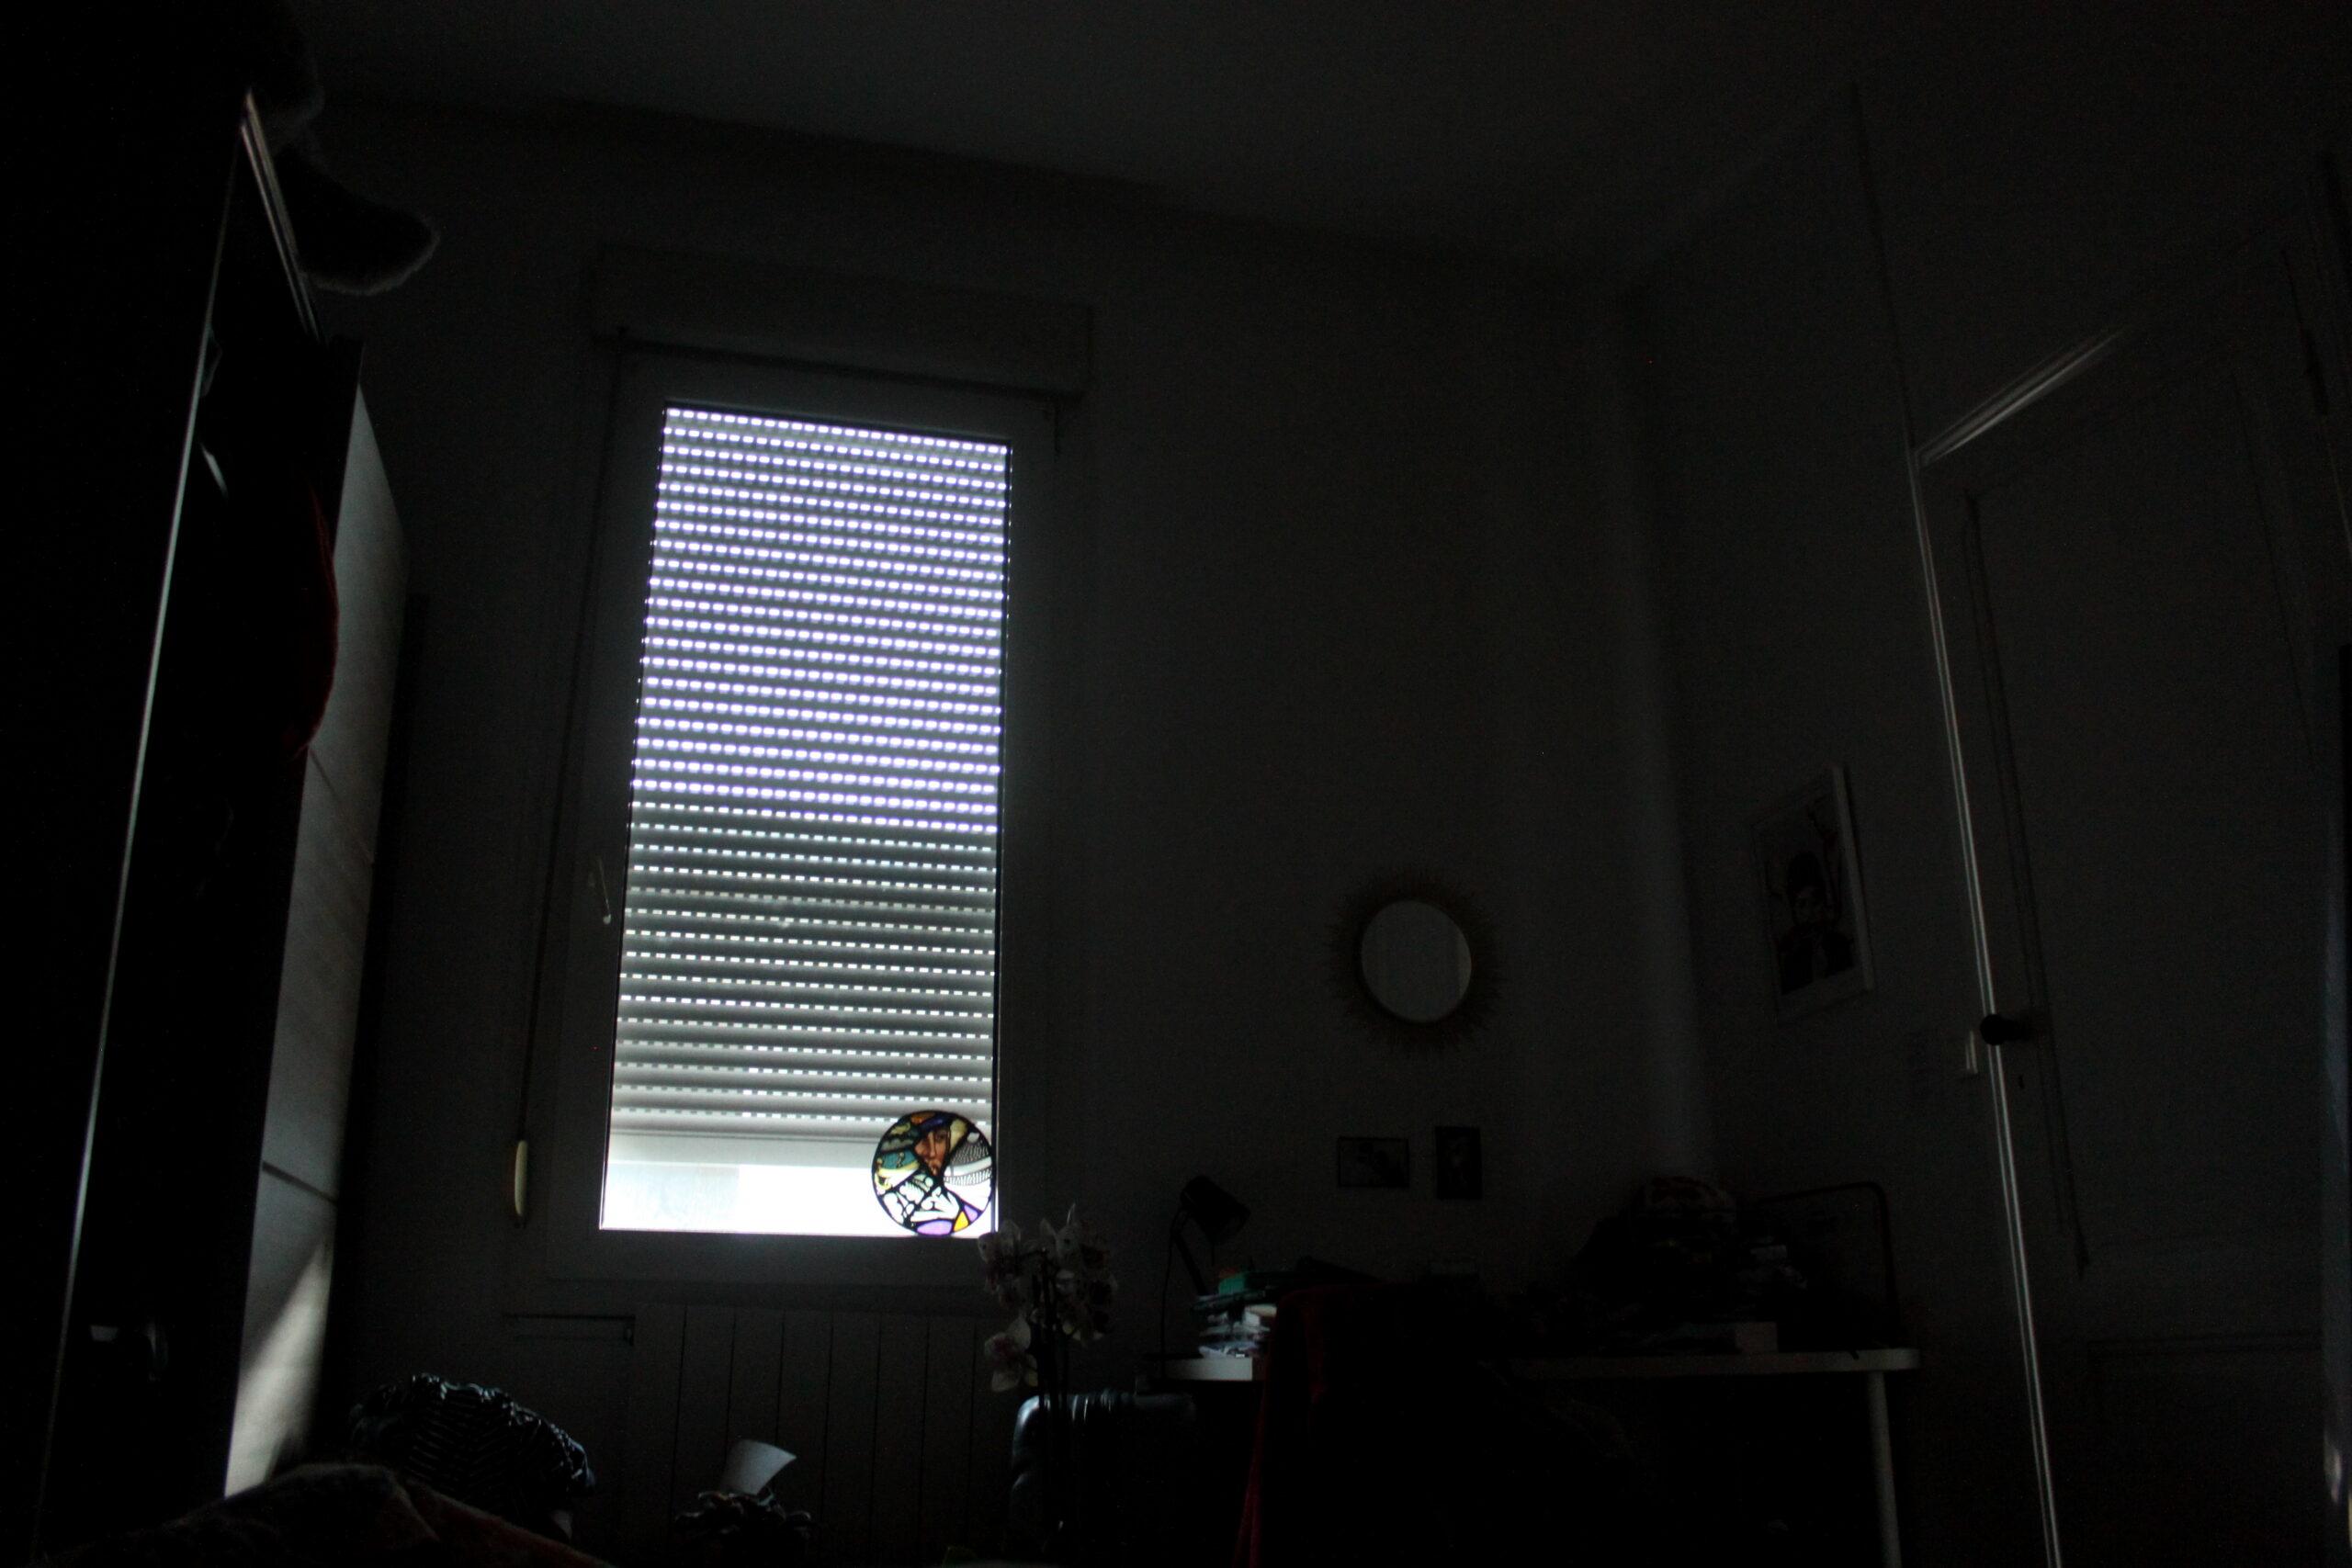 Une nouvelle journée, toujours la même vue depuis le lit. Cette fois-ci on remarque également la porte de la chambre. Le volet est à peine plus levé que la première fois.